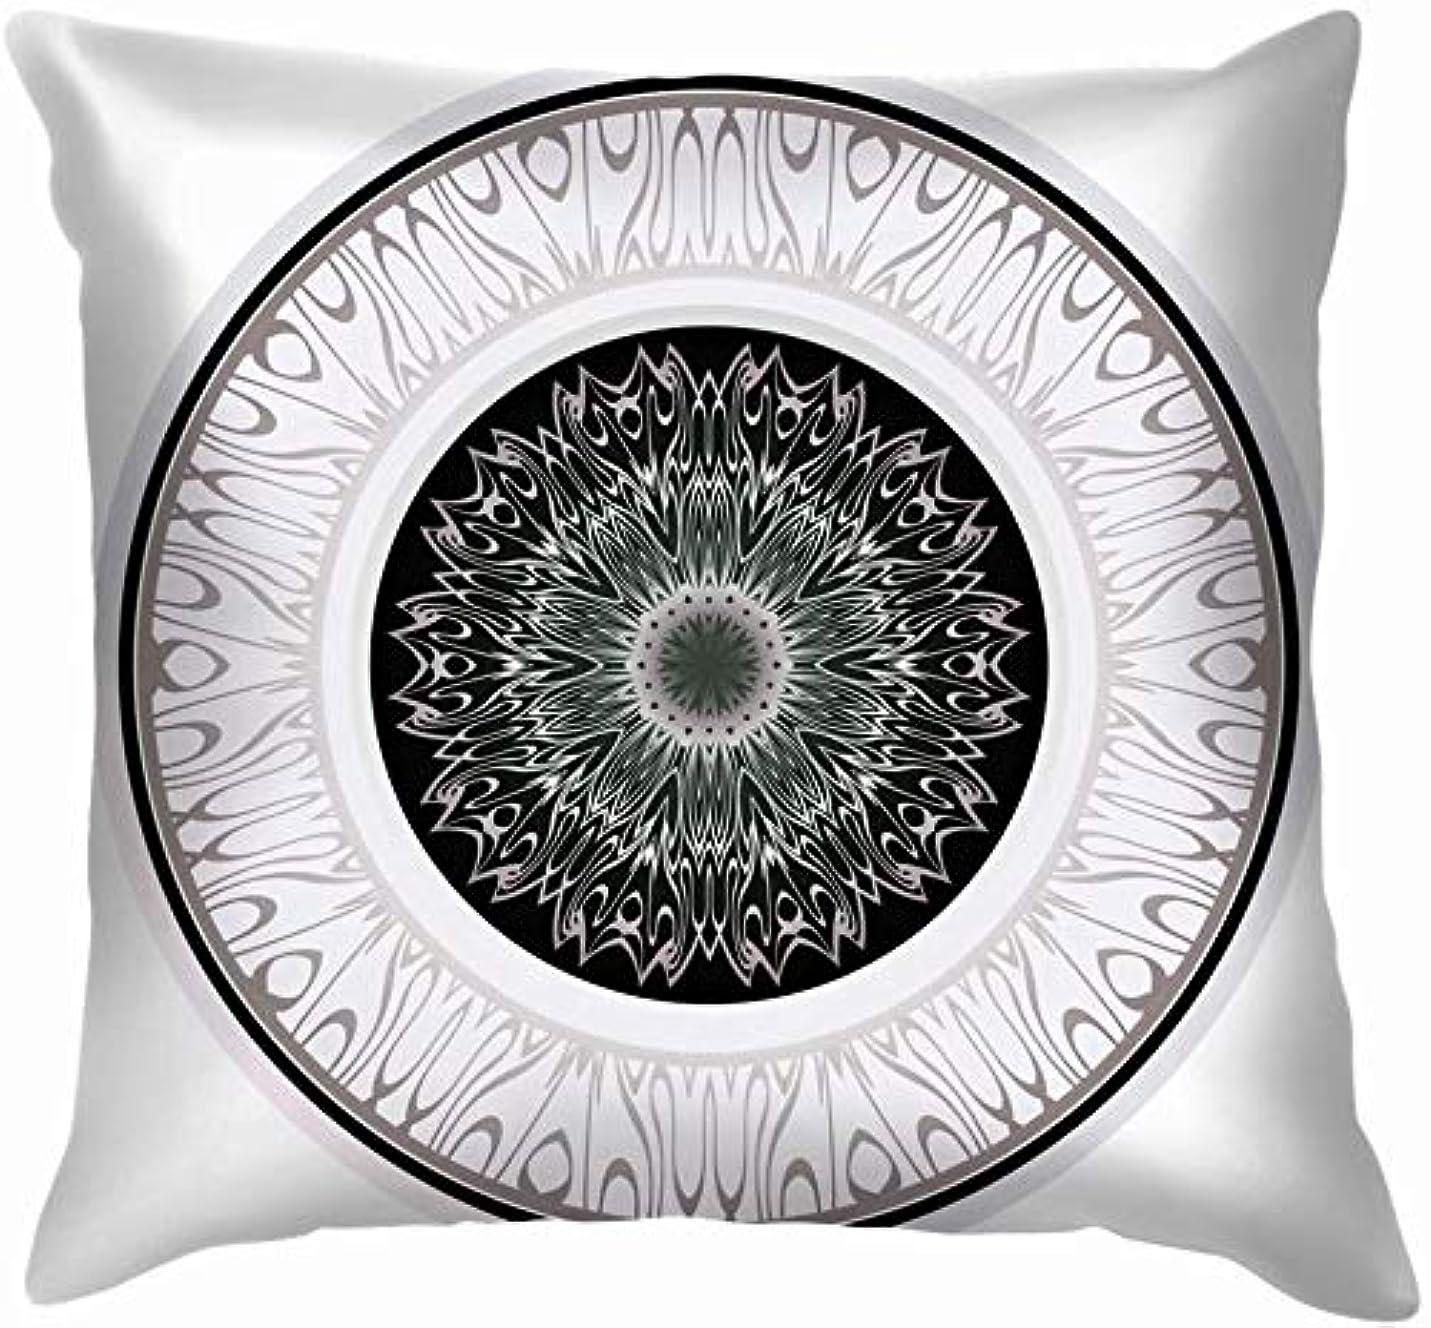 不定流暢命題ラウンド対称マンダラ万華鏡のようなデザインの芸術バナー枕ケース投げ枕カバースクエアクッションカバー45x45 cm